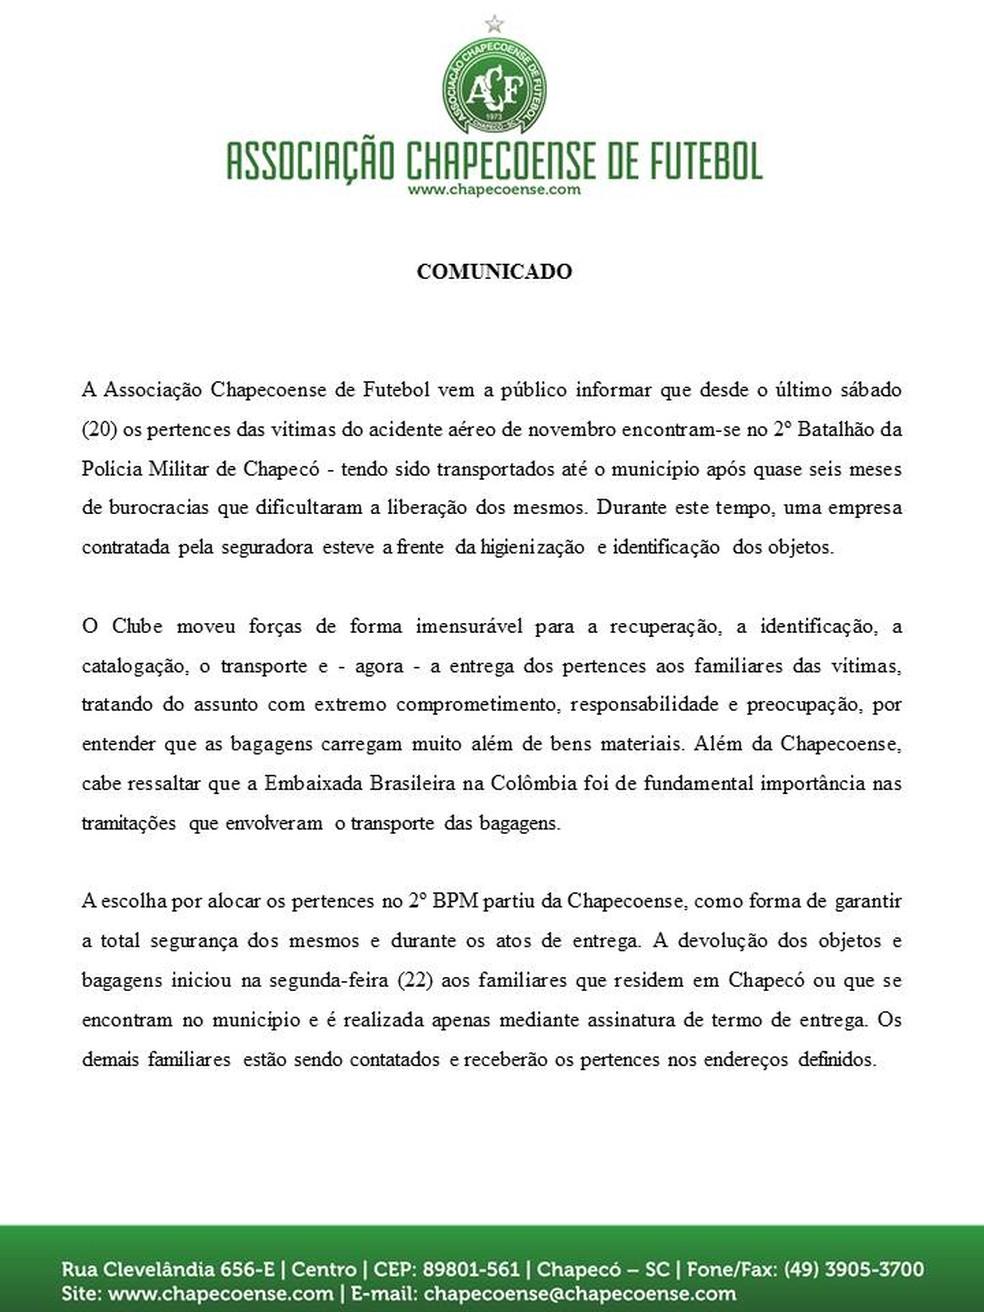 Chapecoense divulga nota informando que tratou assunto com responsabilidade (Foto: Reprodução/G1)